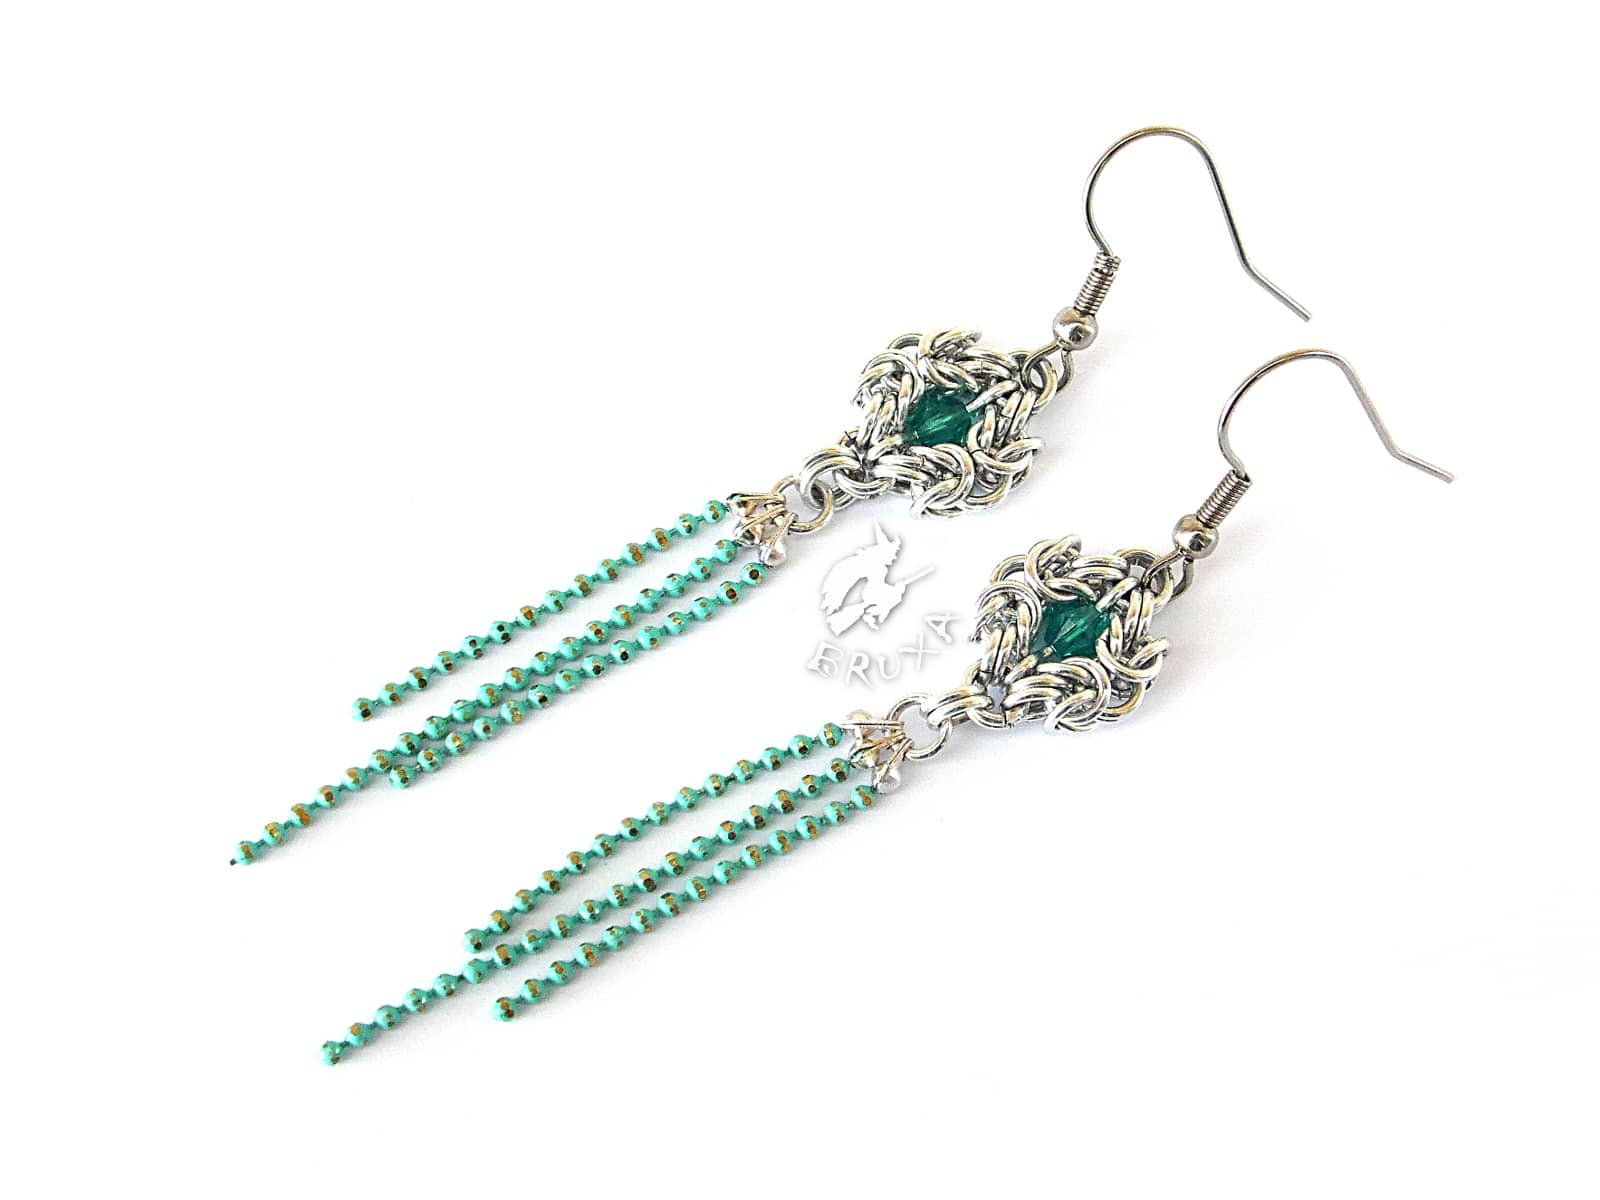 Kolczyki chainmaille z kryształkami i chwostem z łańcuszków w kolorze teal